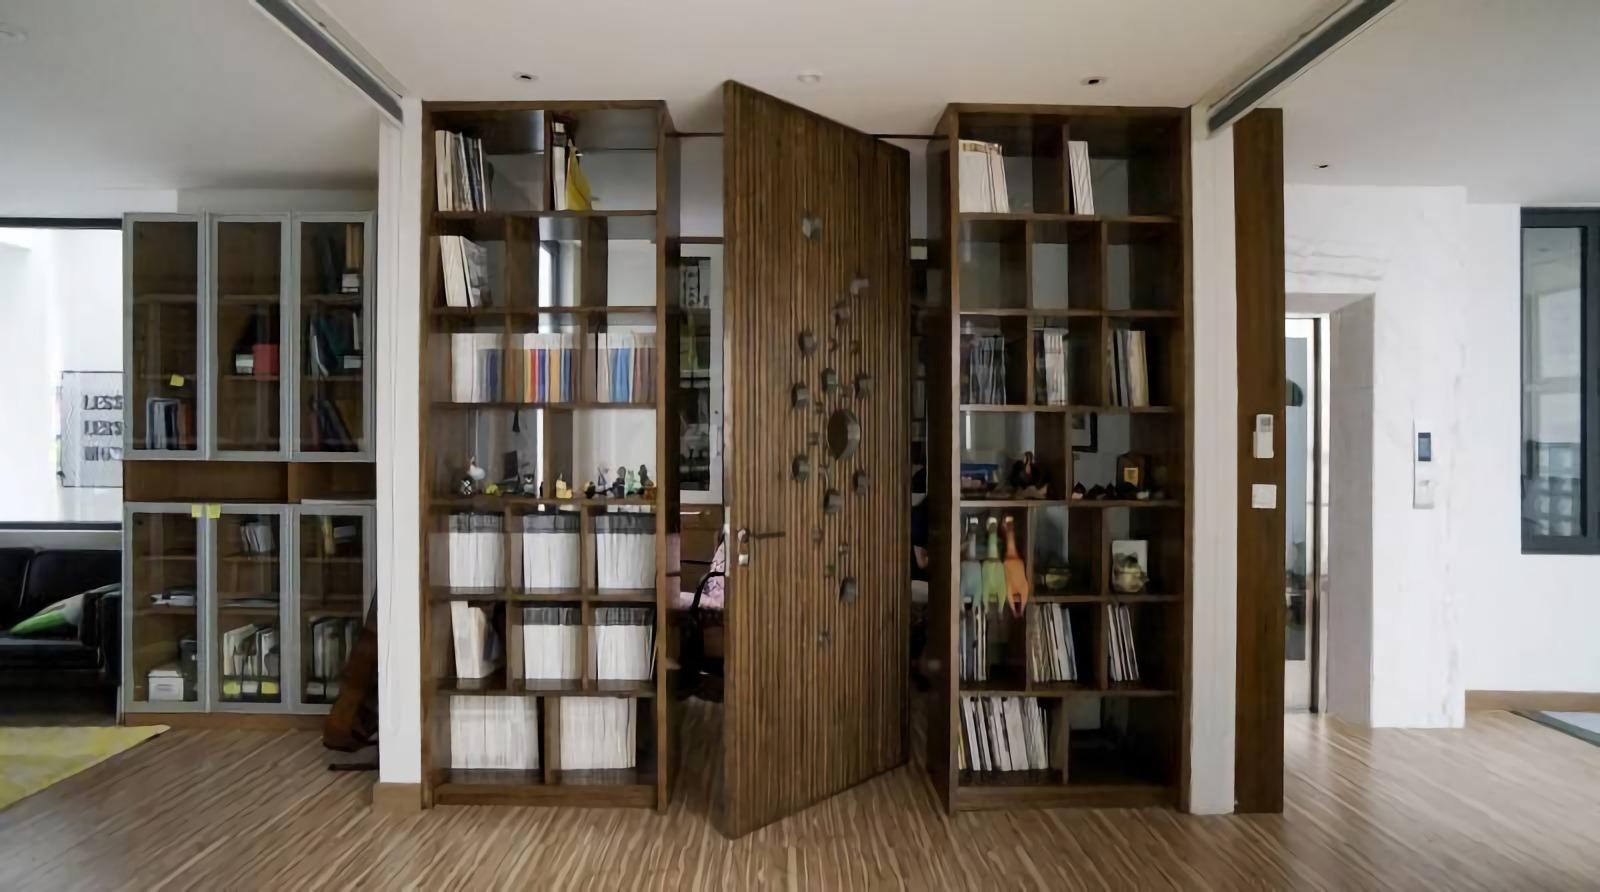 Pintu poros tengah yang artistik, fungsional, dan elegan (Sumber: arsitag.com)